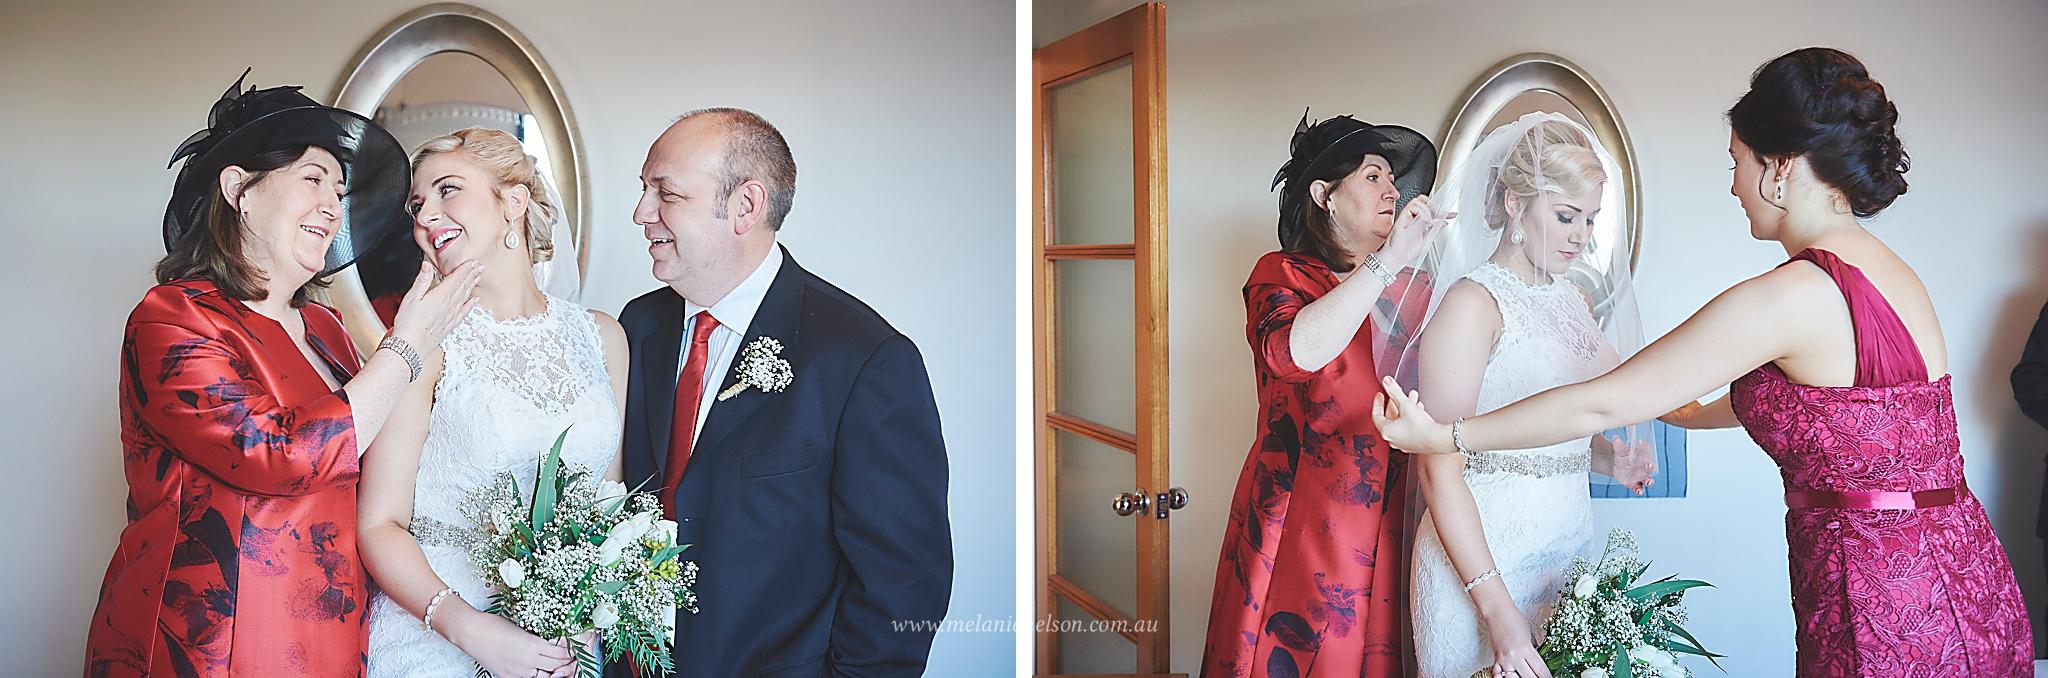 adelaide_wedding_photography22.jpg